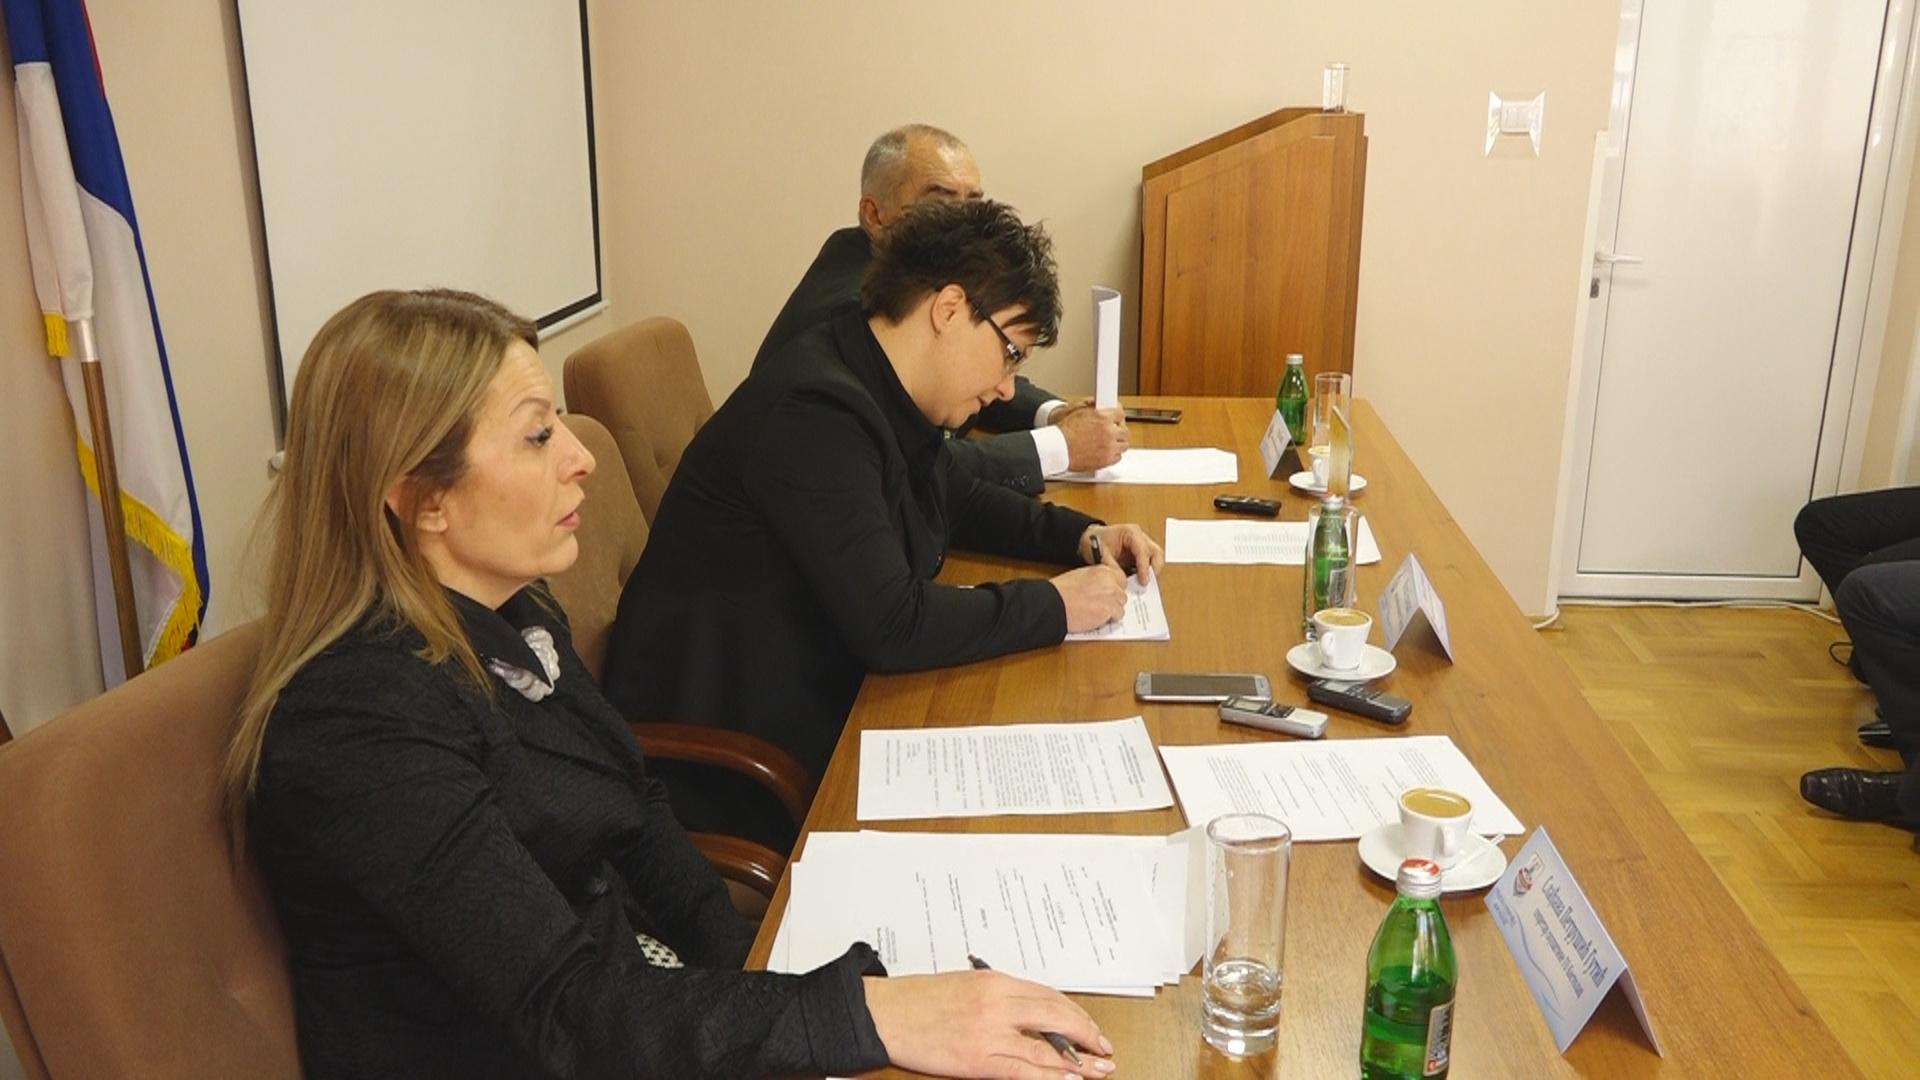 Na 12.redovnoj sednici Skupštine usvojen završni račun budžeta Gradske opštine Kostolac za 2018. godinu 20297